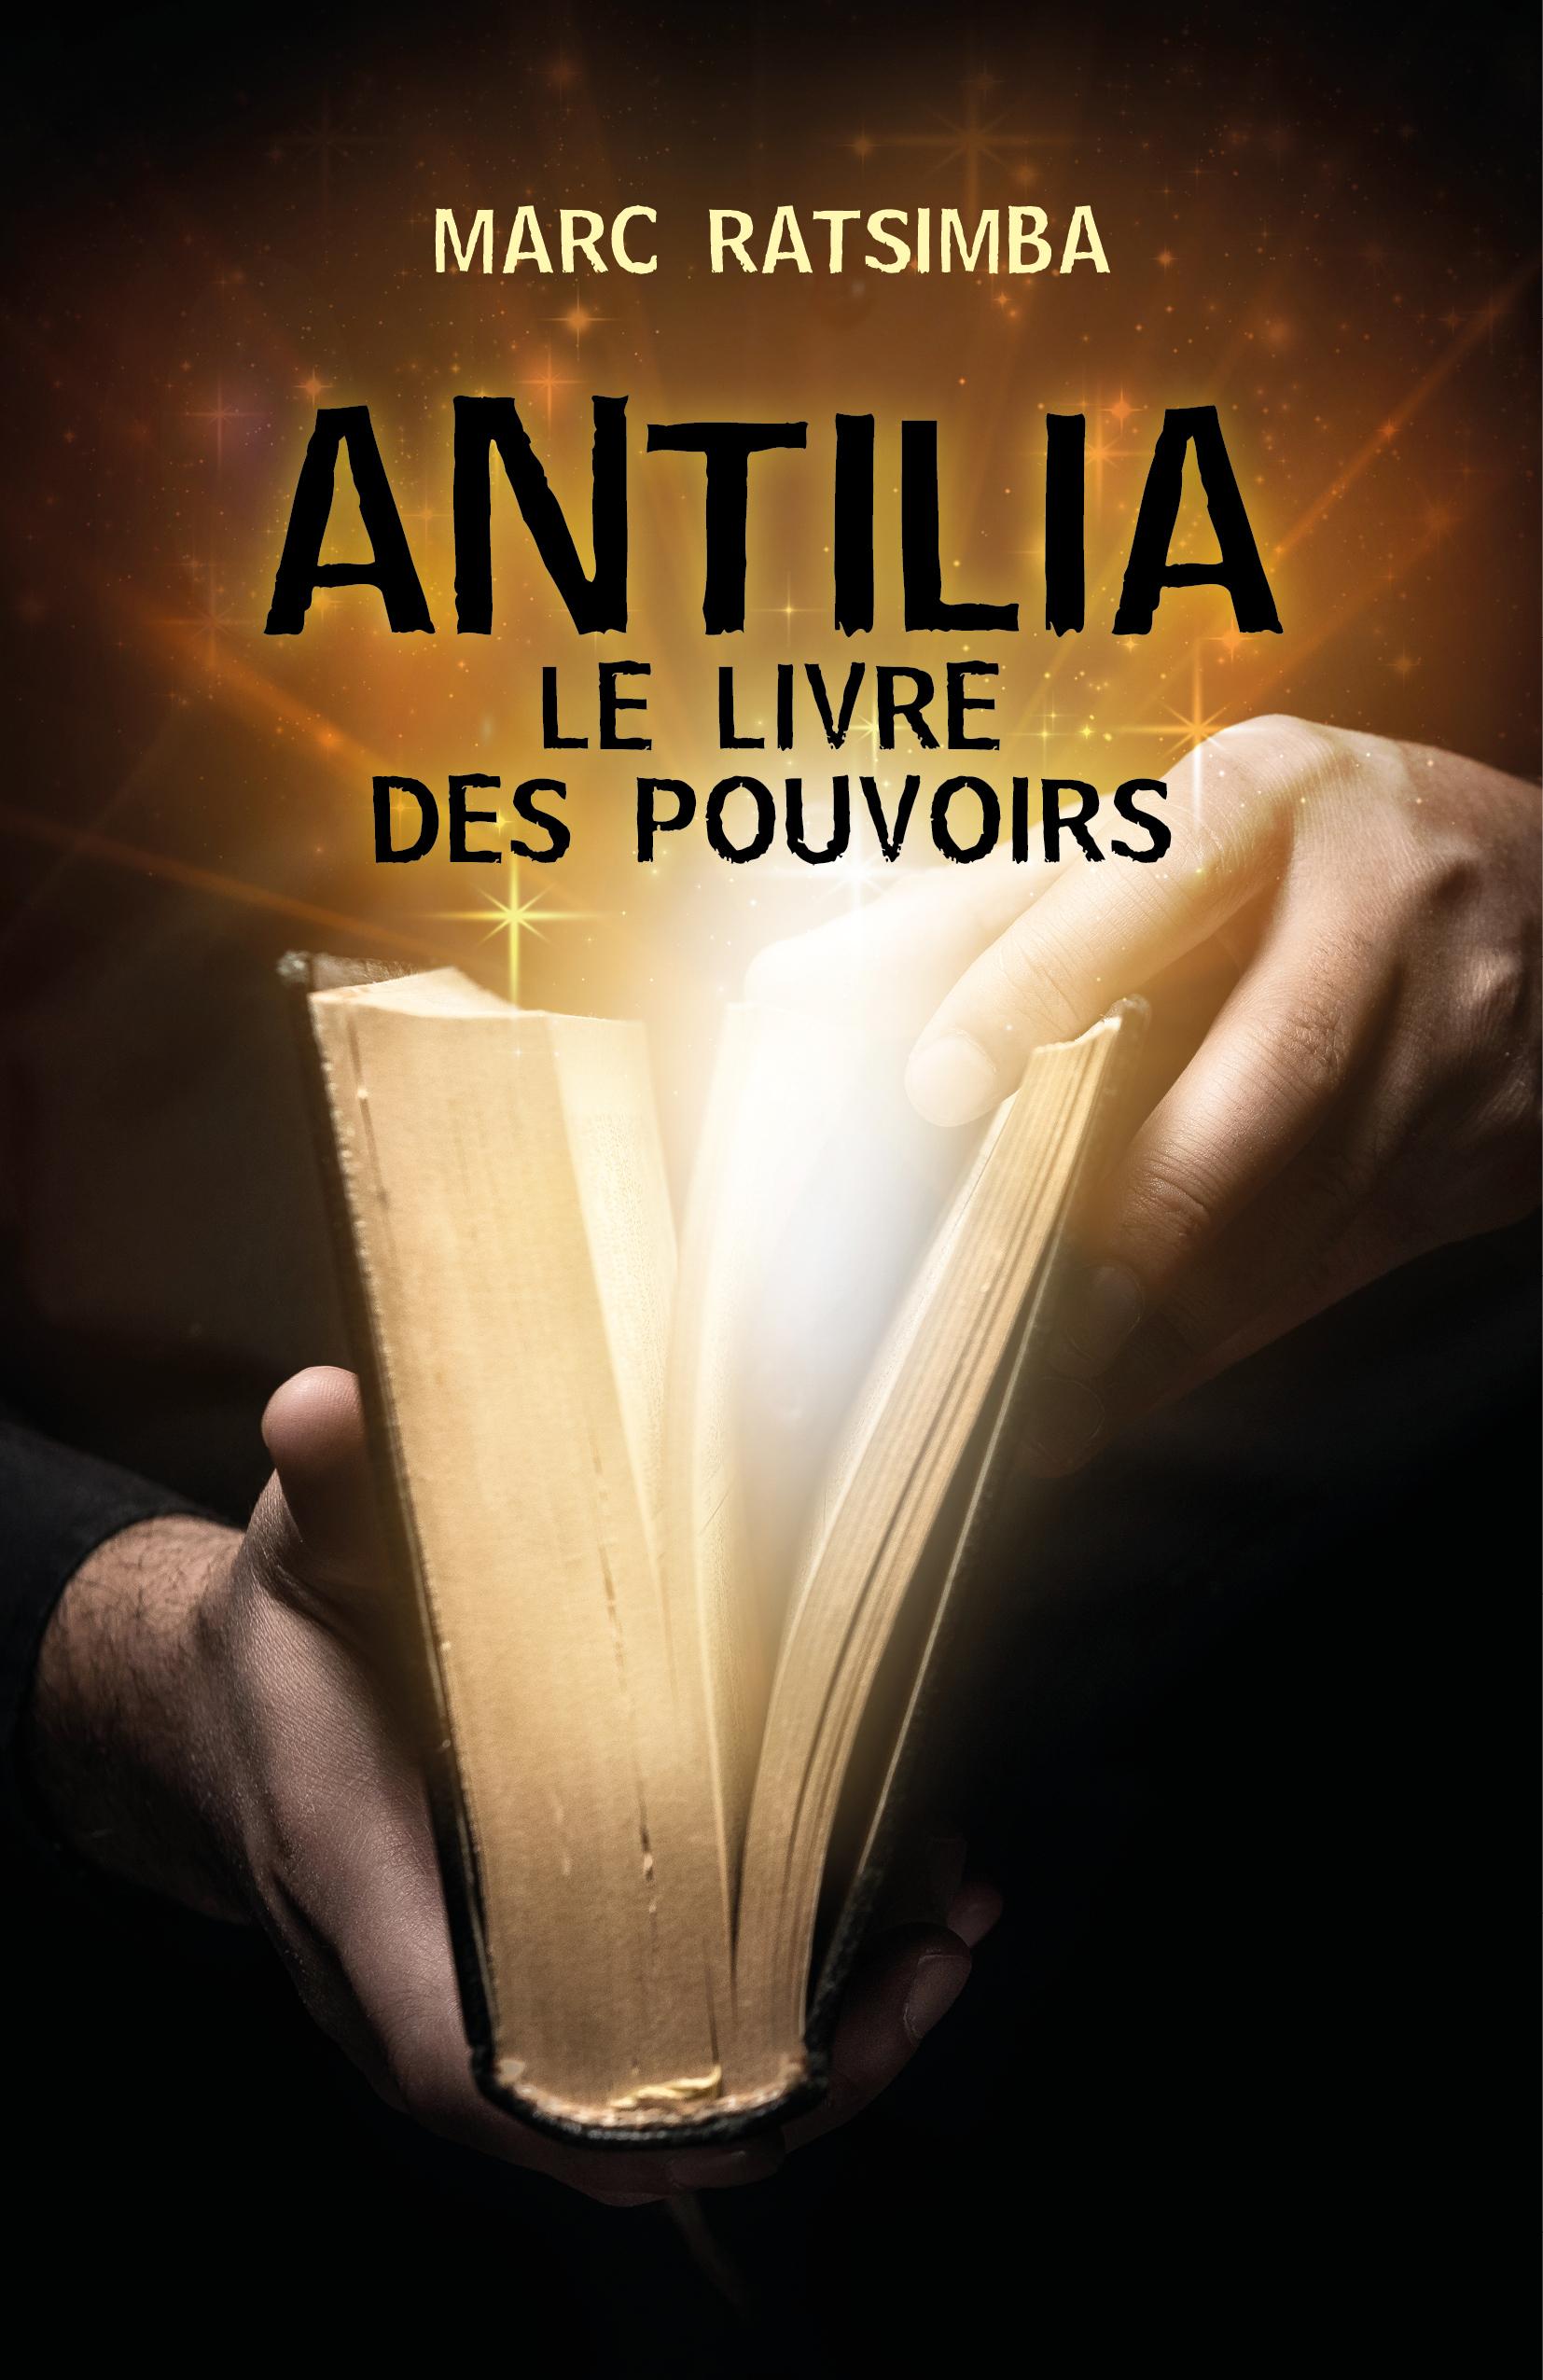 Antilia, Le Livre des Pouvoirs